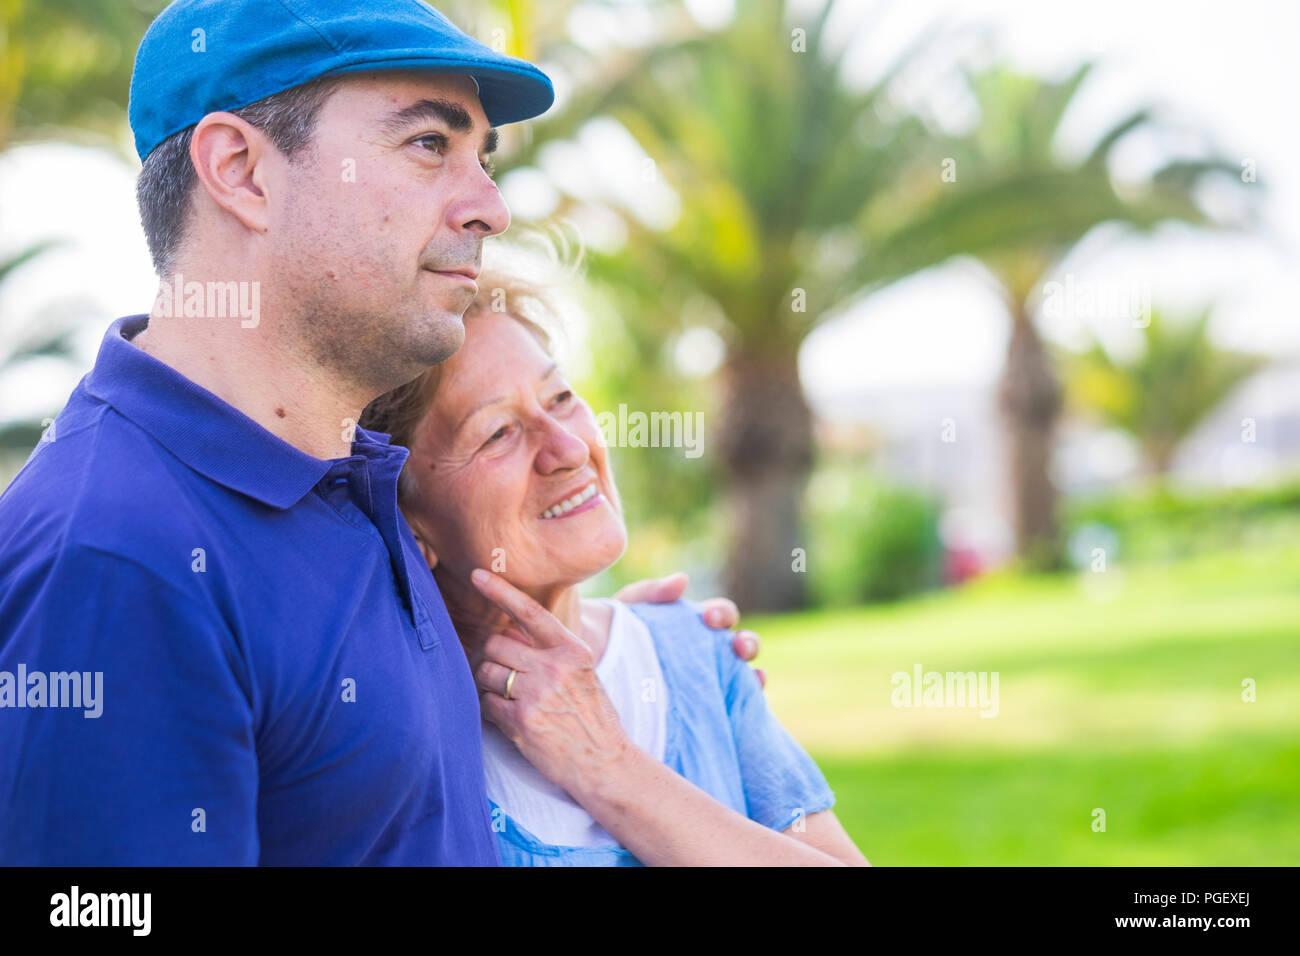 Unterschiedlichen Alters Paar wie Mutter und Sohn Aufenthalt umarmte zusammen in Outdoor Freizeitaktivitäten Aktivität mit Liebe und Emotionen. den Tag im Park genießen mit Gree Stockbild